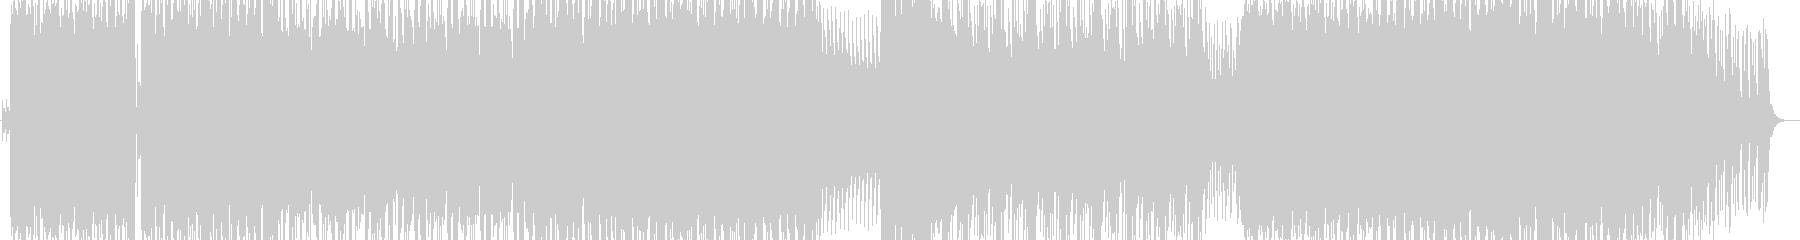 疾走感溢れる激しいロックサウンドの未再生の波形